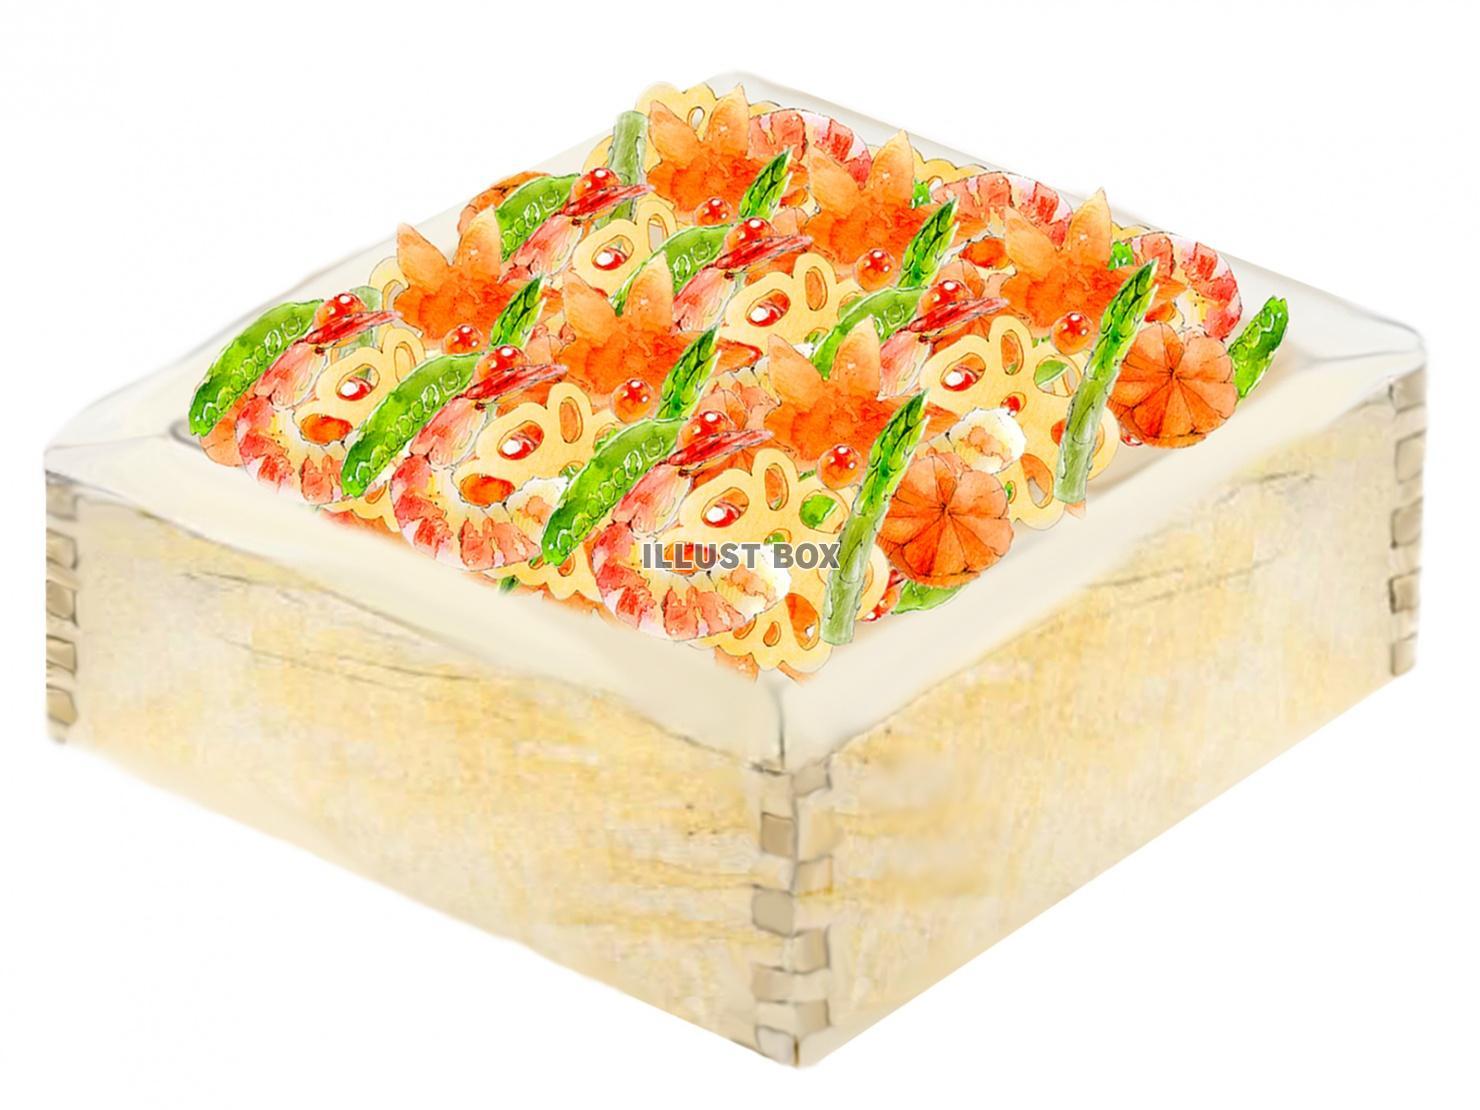 無料イラスト jpeg ちらし寿司